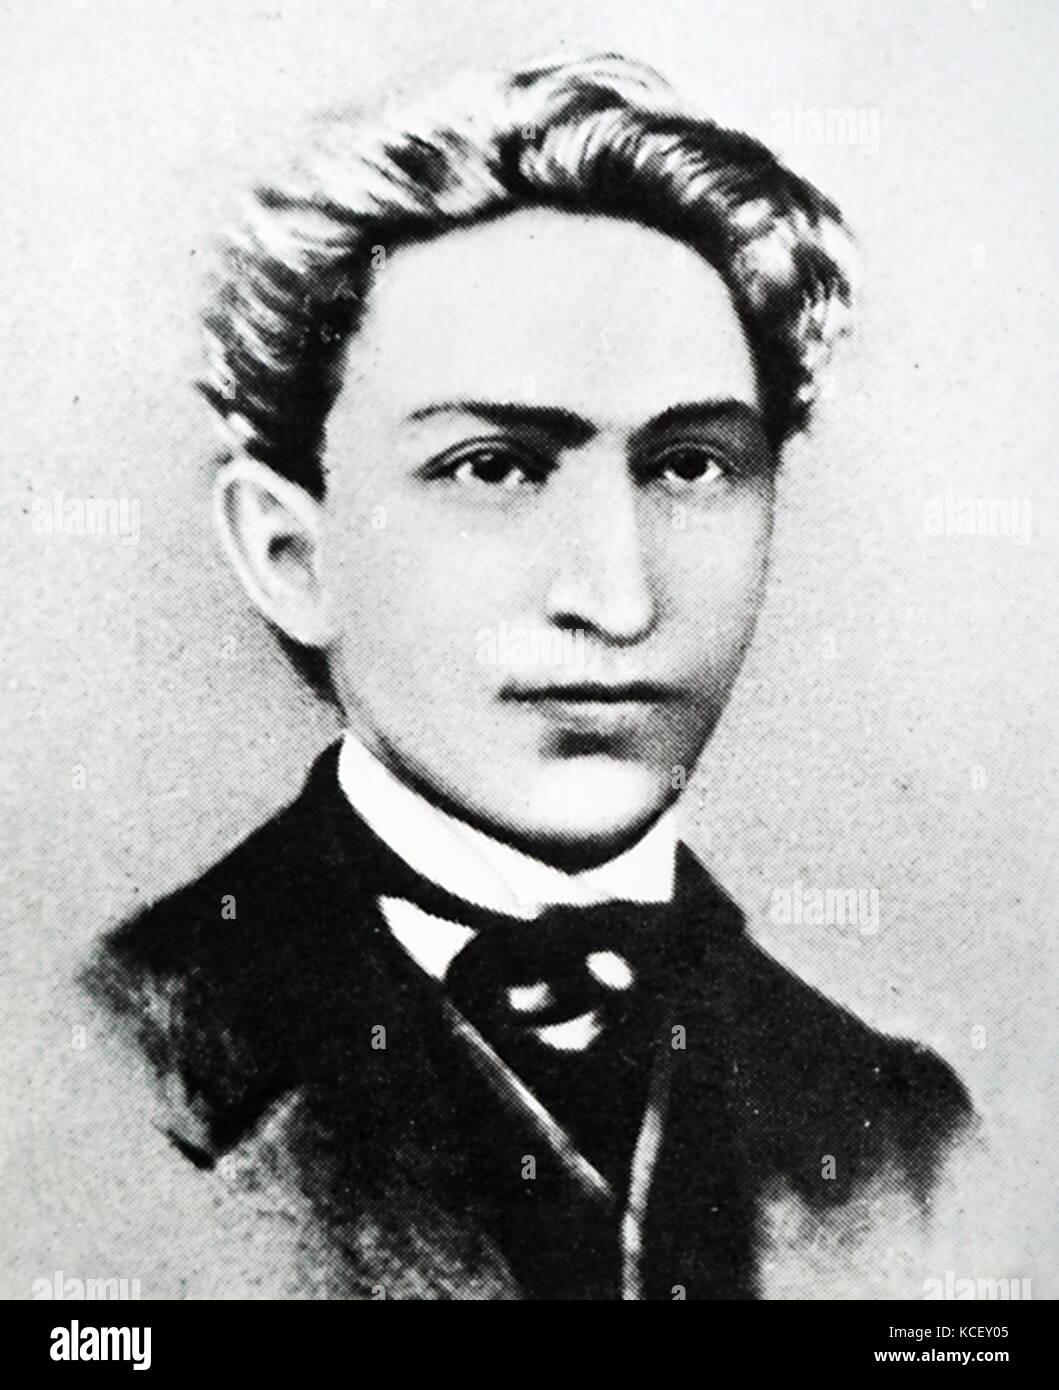 Portrait von leo Frankel (1844-1896) eine Kommunistische Revolutionäre der ungarischen und jüdischer Herkunft. Stockbild